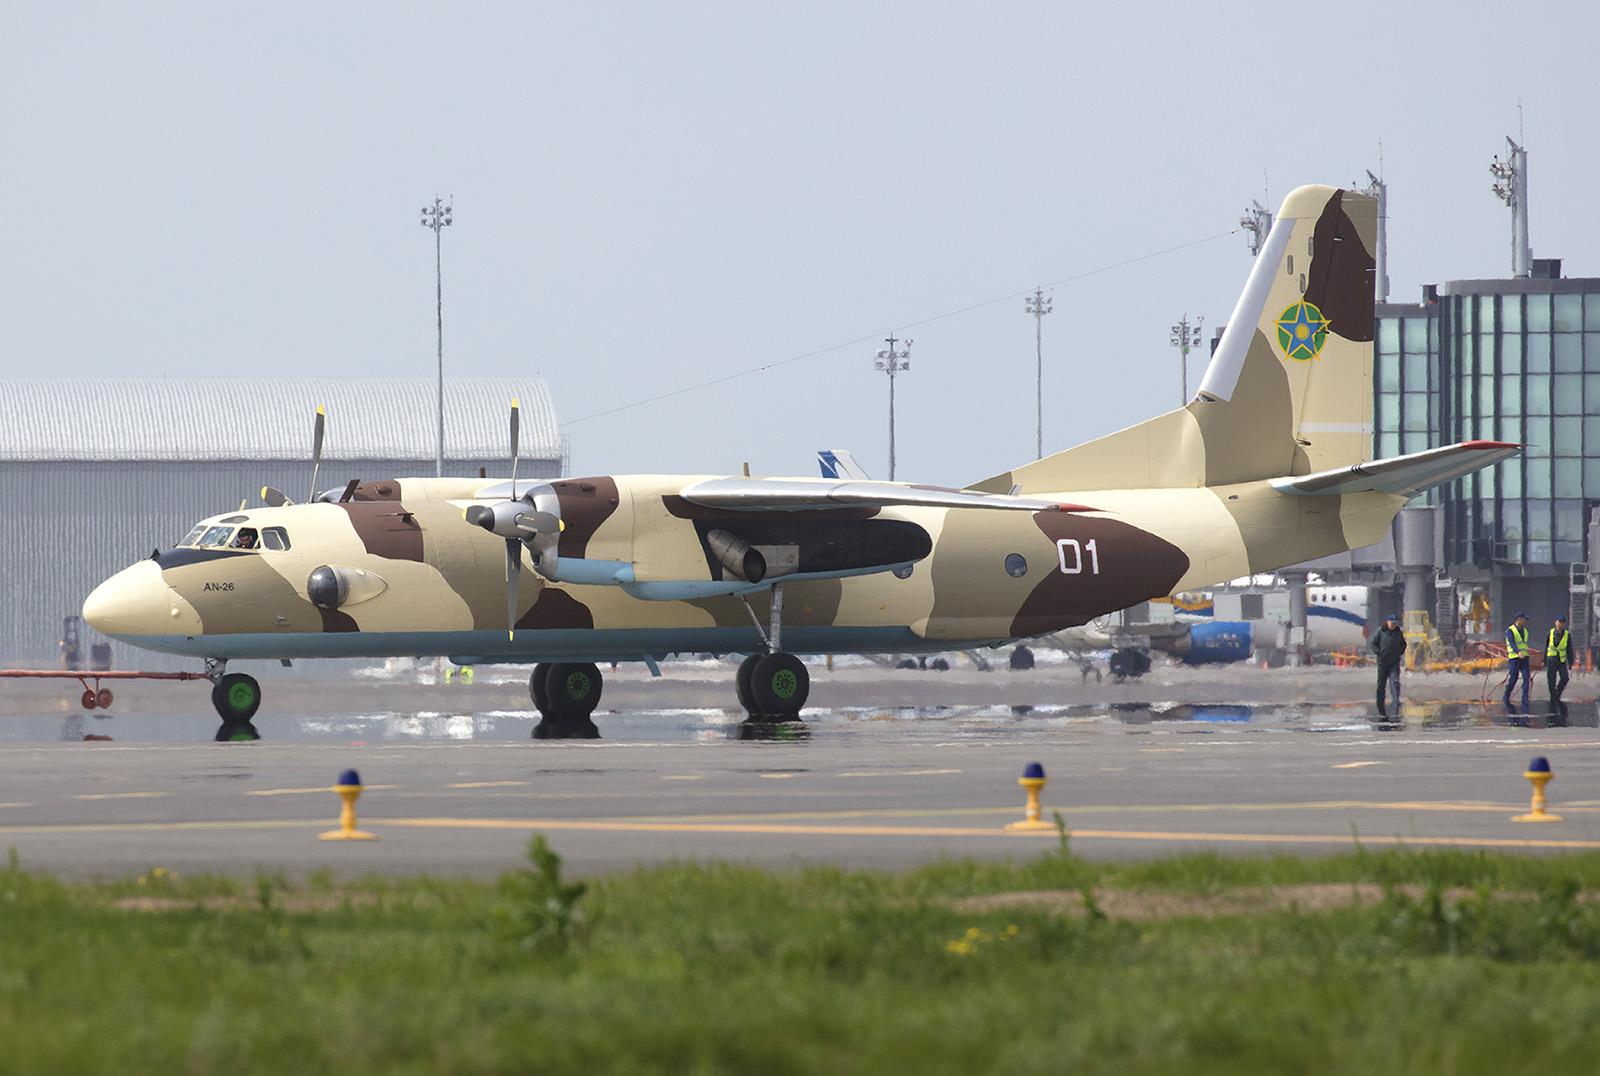 Antonov An-26 des kasachischen Grenzschutzes